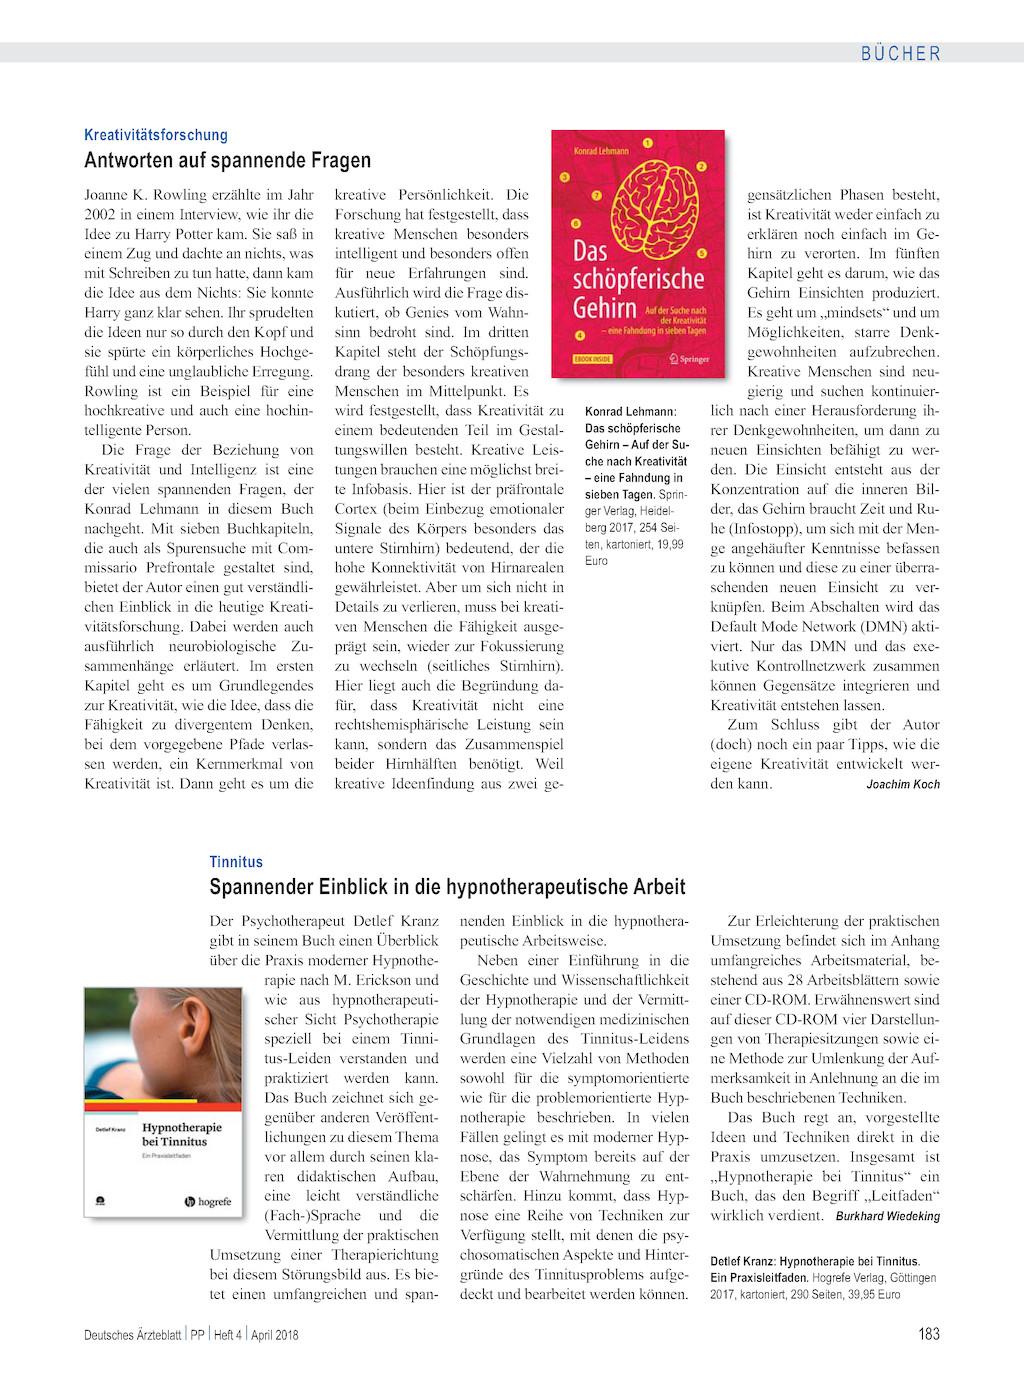 Tinnitus: Spannender Einblick in die hypnotherapeutische Arbeit